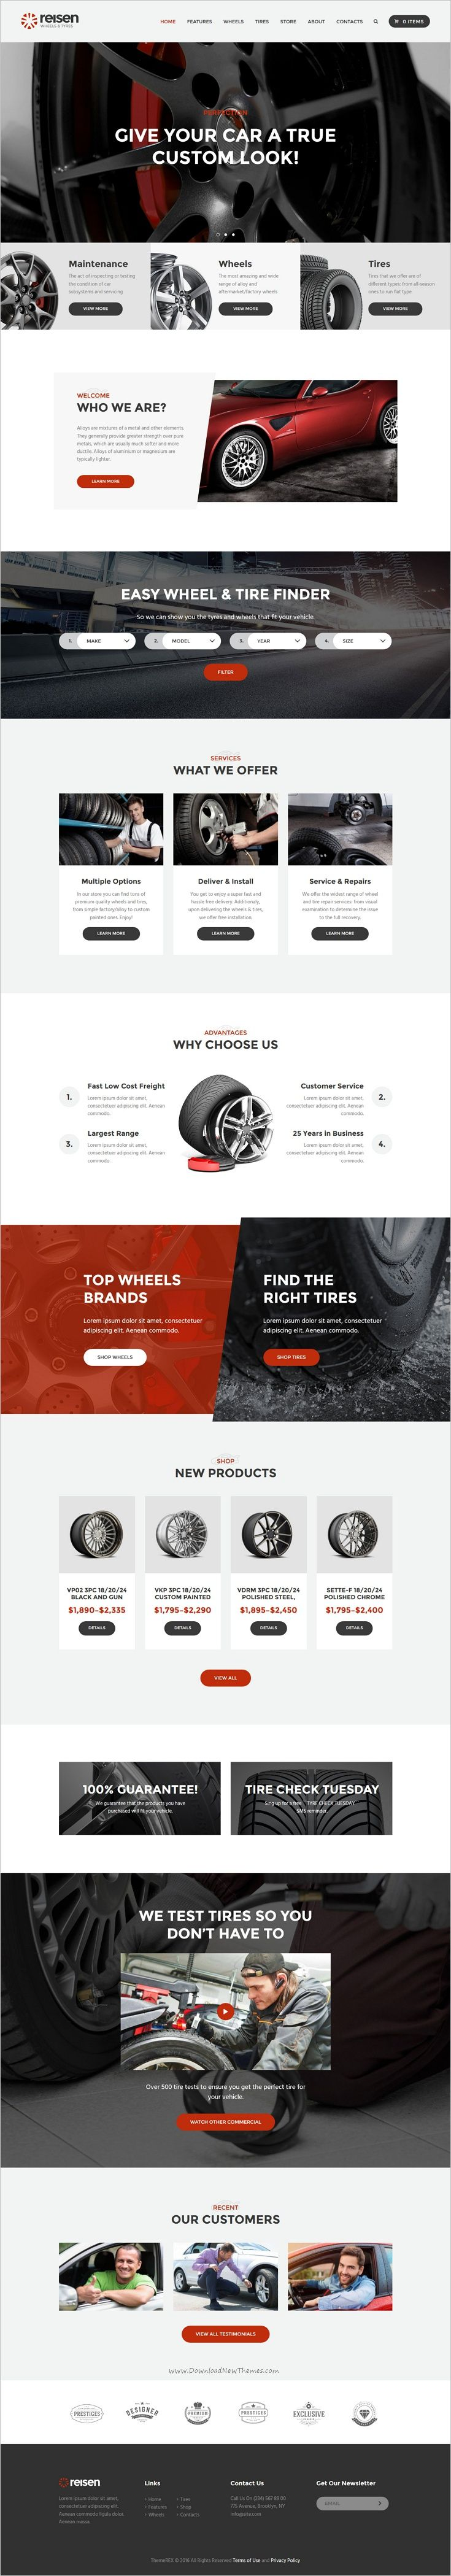 Auto Mechanic Shops Near Me >> 25+ Best Ideas about Auto Repair Shops on Pinterest ...